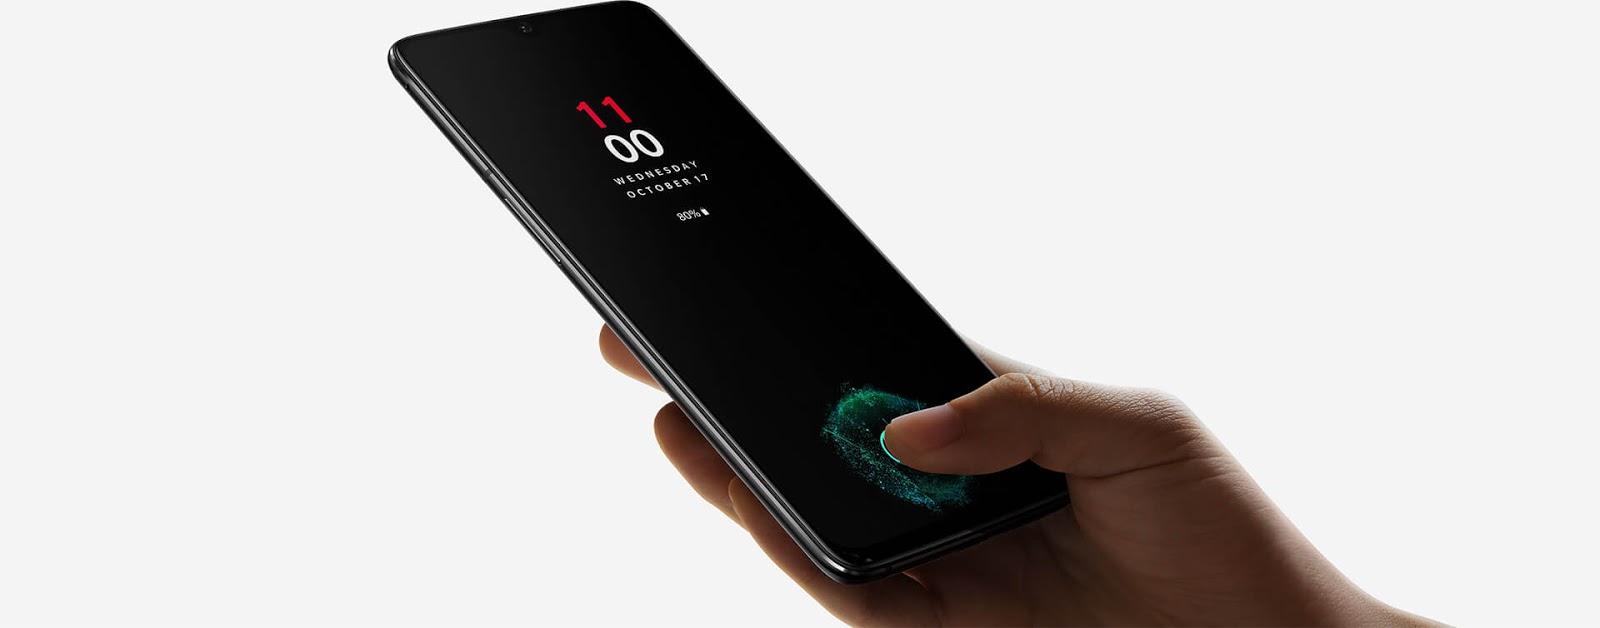 Cumpără flagman OnePlus 6T cu livrare direct în Moldova. OnePlus flagman de pe Aliexpress, online.